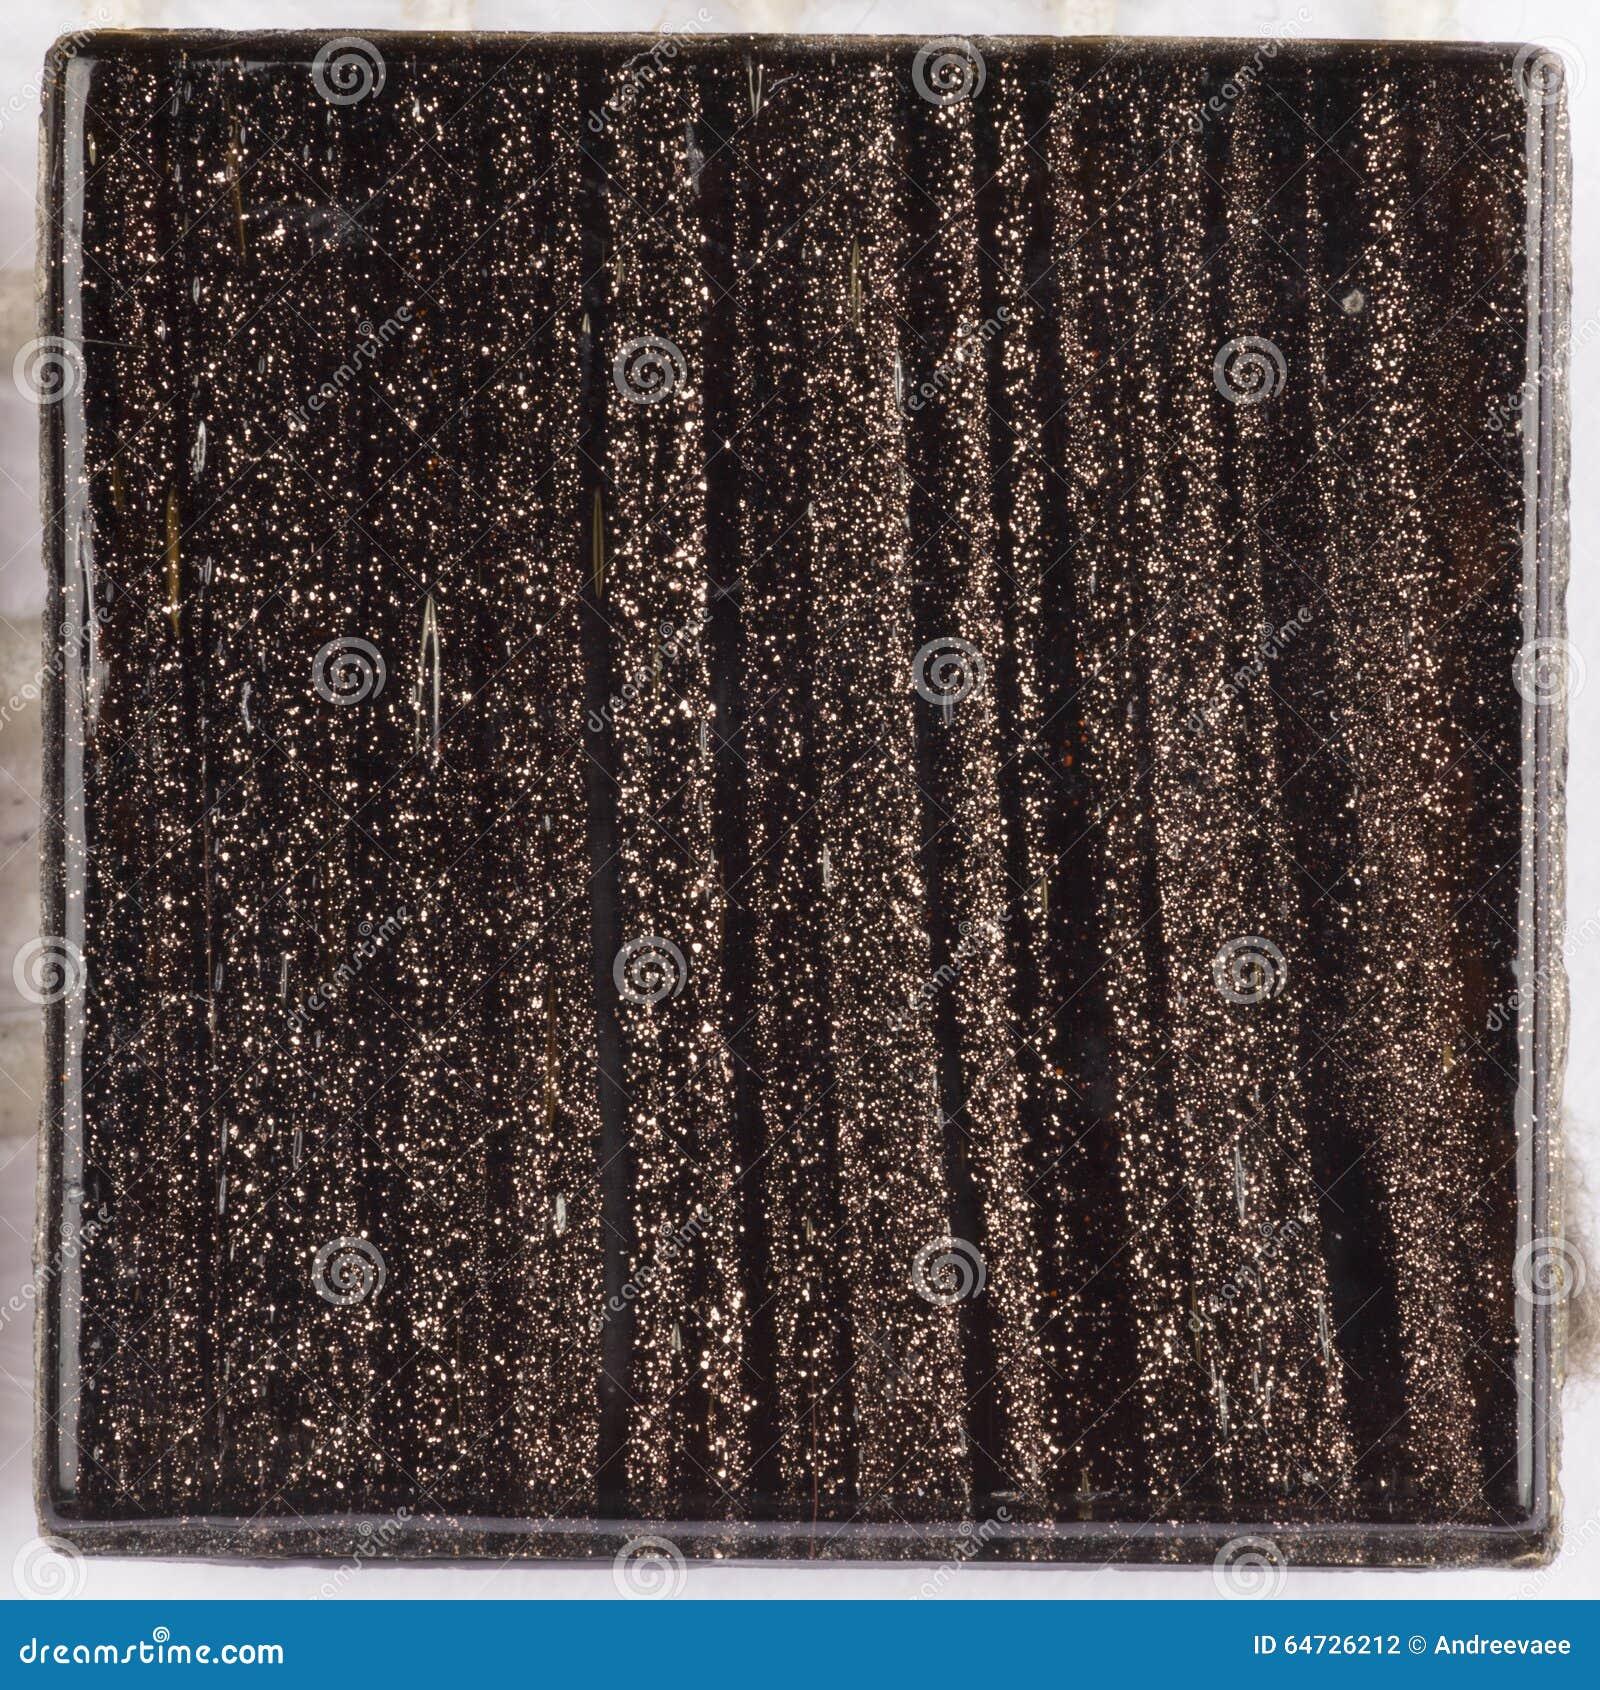 Smalt di vetro di marrone scuro